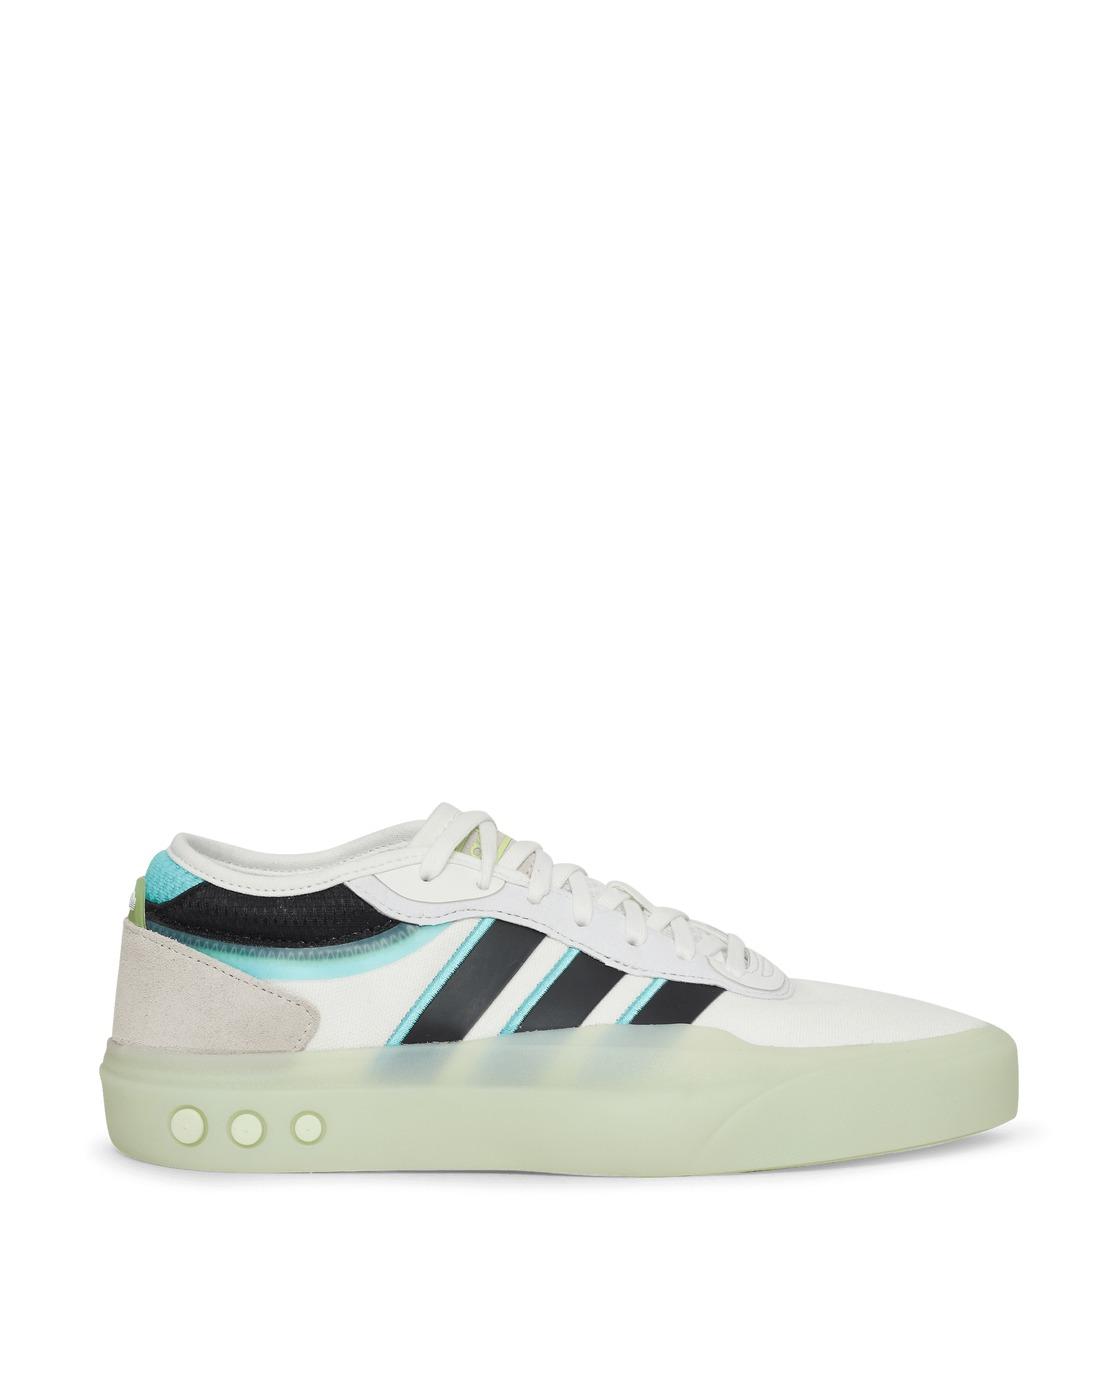 Photo: Adidas Originals Cassina Pt Sneakers Ftwr White